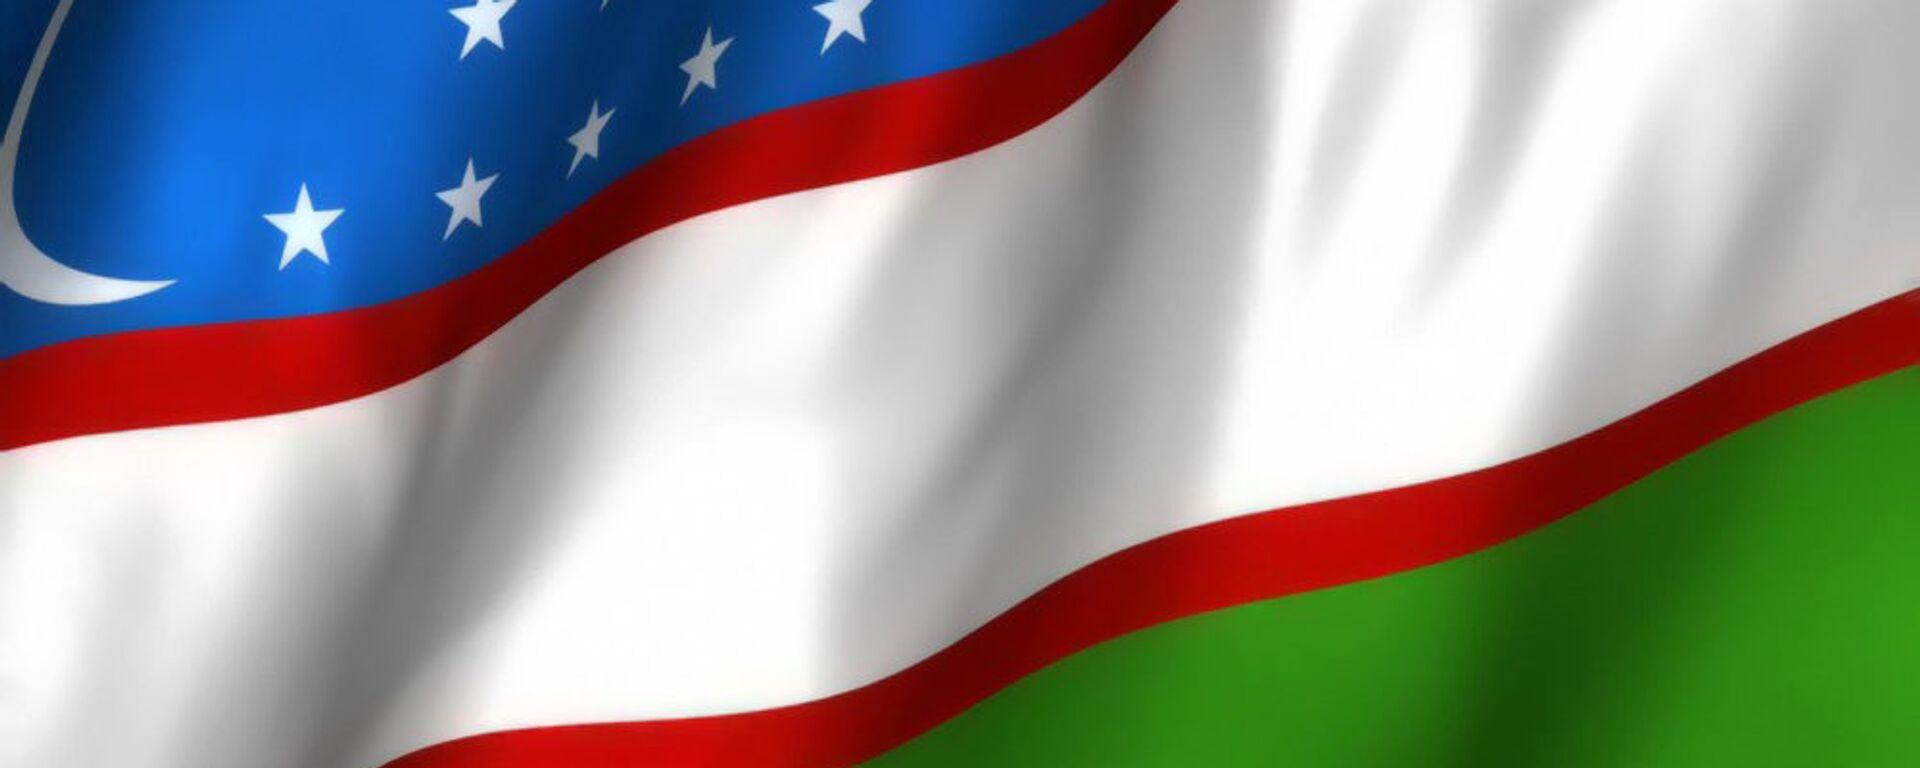 Флаг Республики Узбекистан - Sputnik Узбекистан, 1920, 25.08.2015